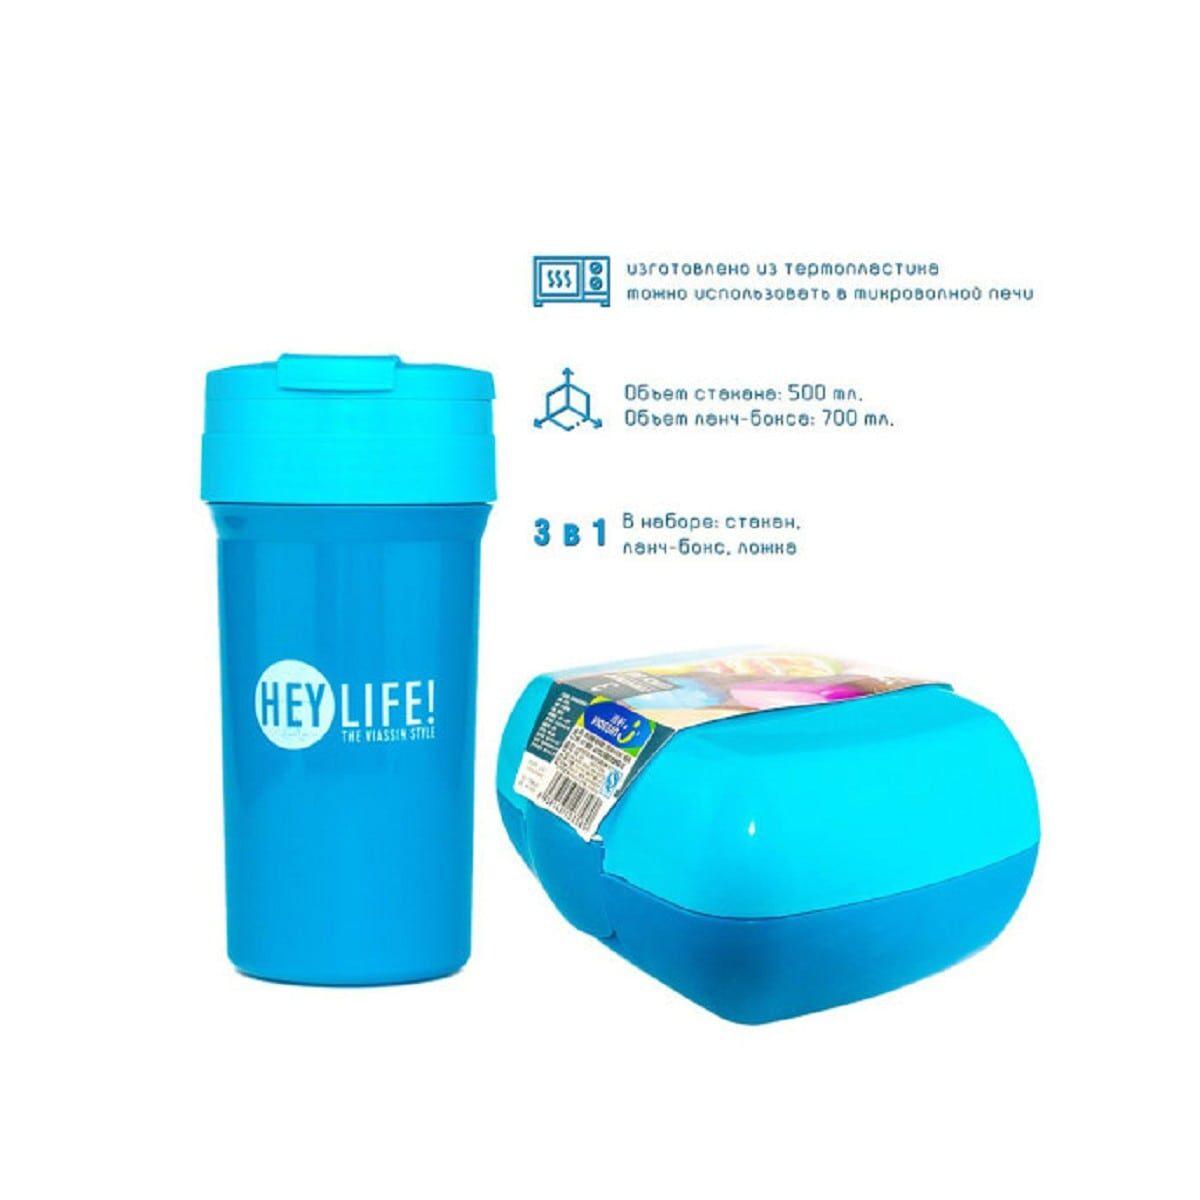 Комплект овальний ланчбокс на 2 секції 700 мл. з ложкою та пляшка 500 мл, синій